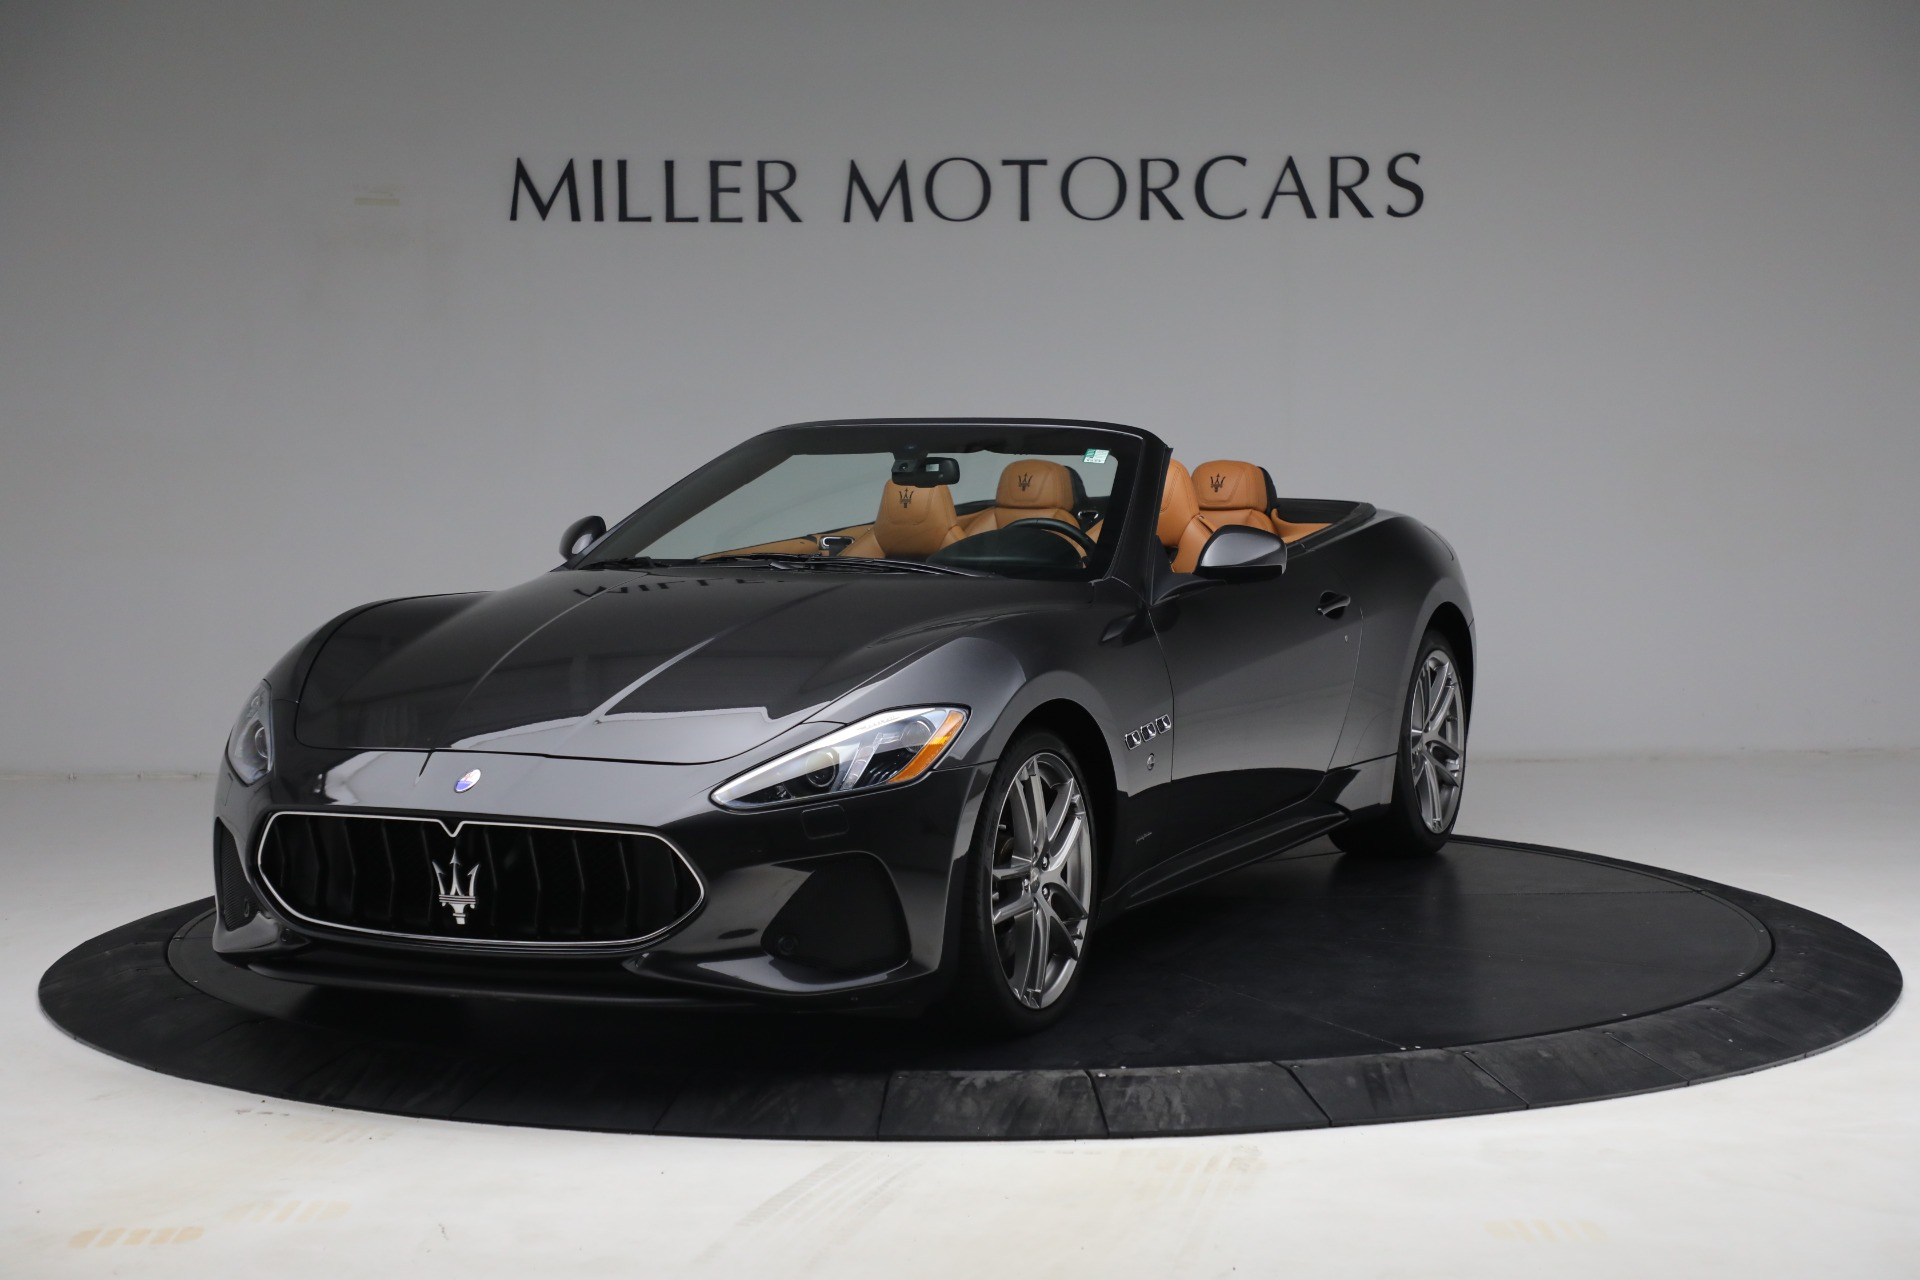 Used 2018 Maserati GranTurismo Sport for sale Sold at Aston Martin of Greenwich in Greenwich CT 06830 1